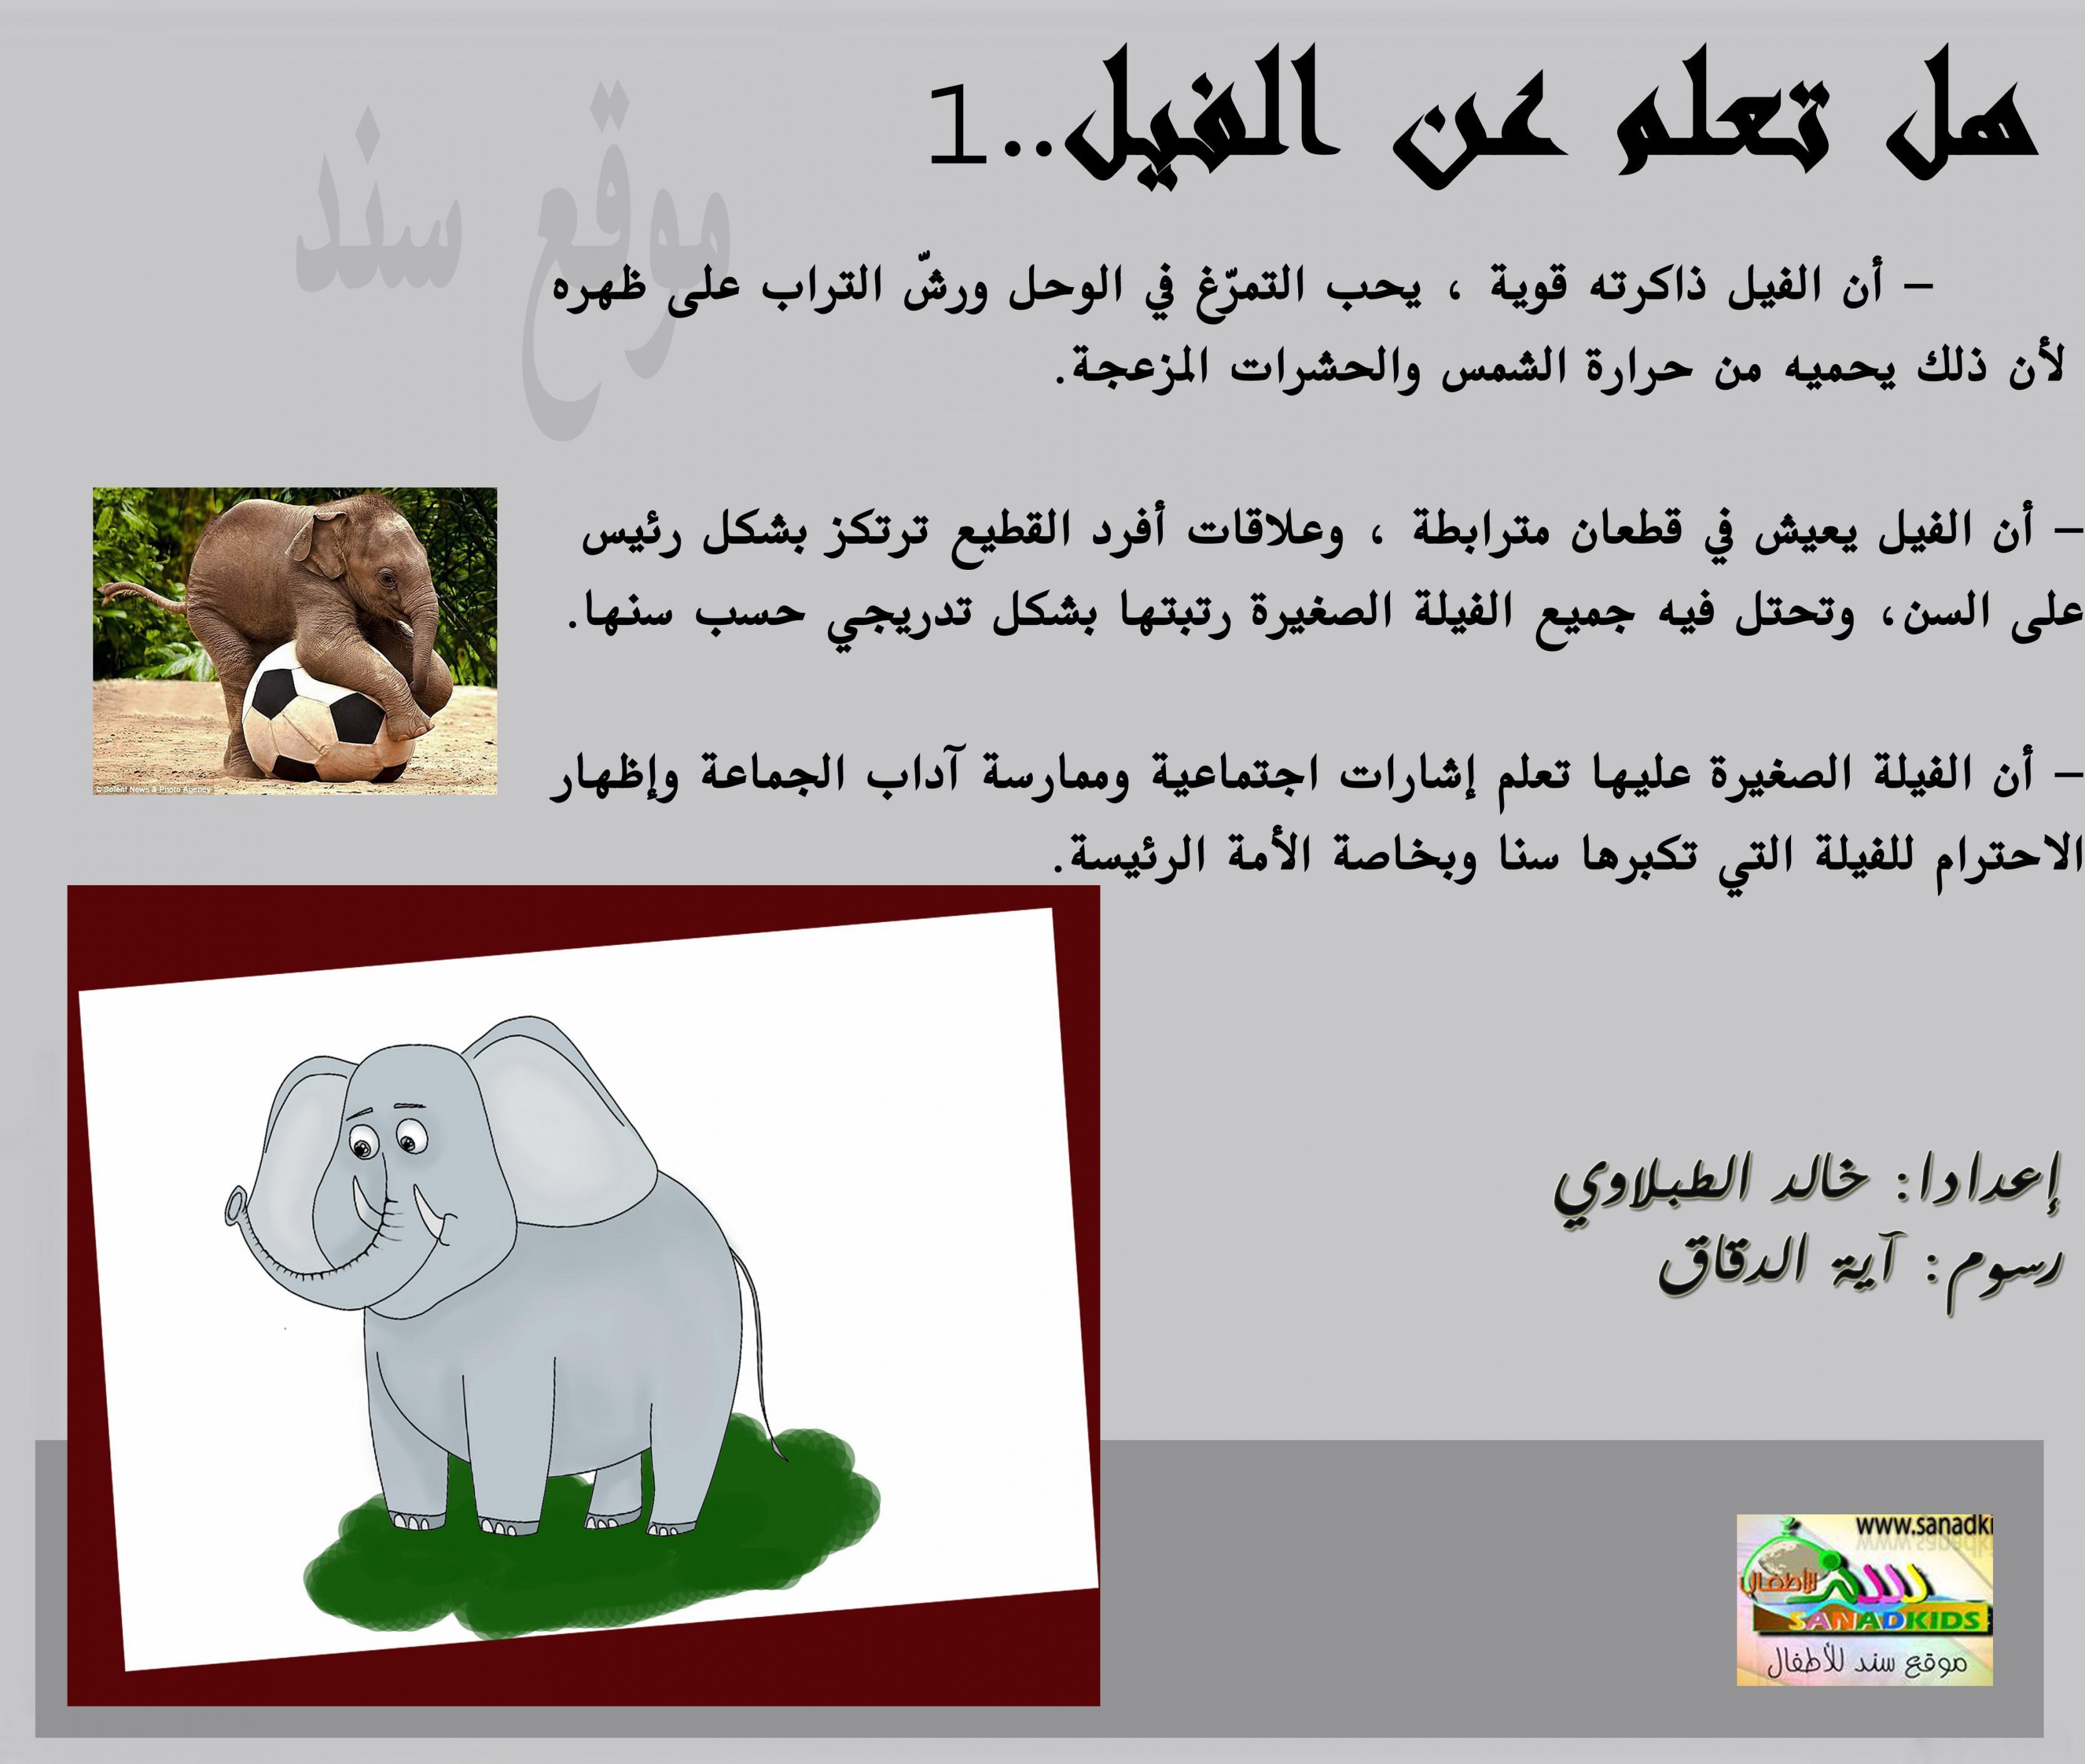 بالصور هل تعلم عن الحيوانات , معلومات لم تسمع عنها من قبل سبحان الله 3620 11